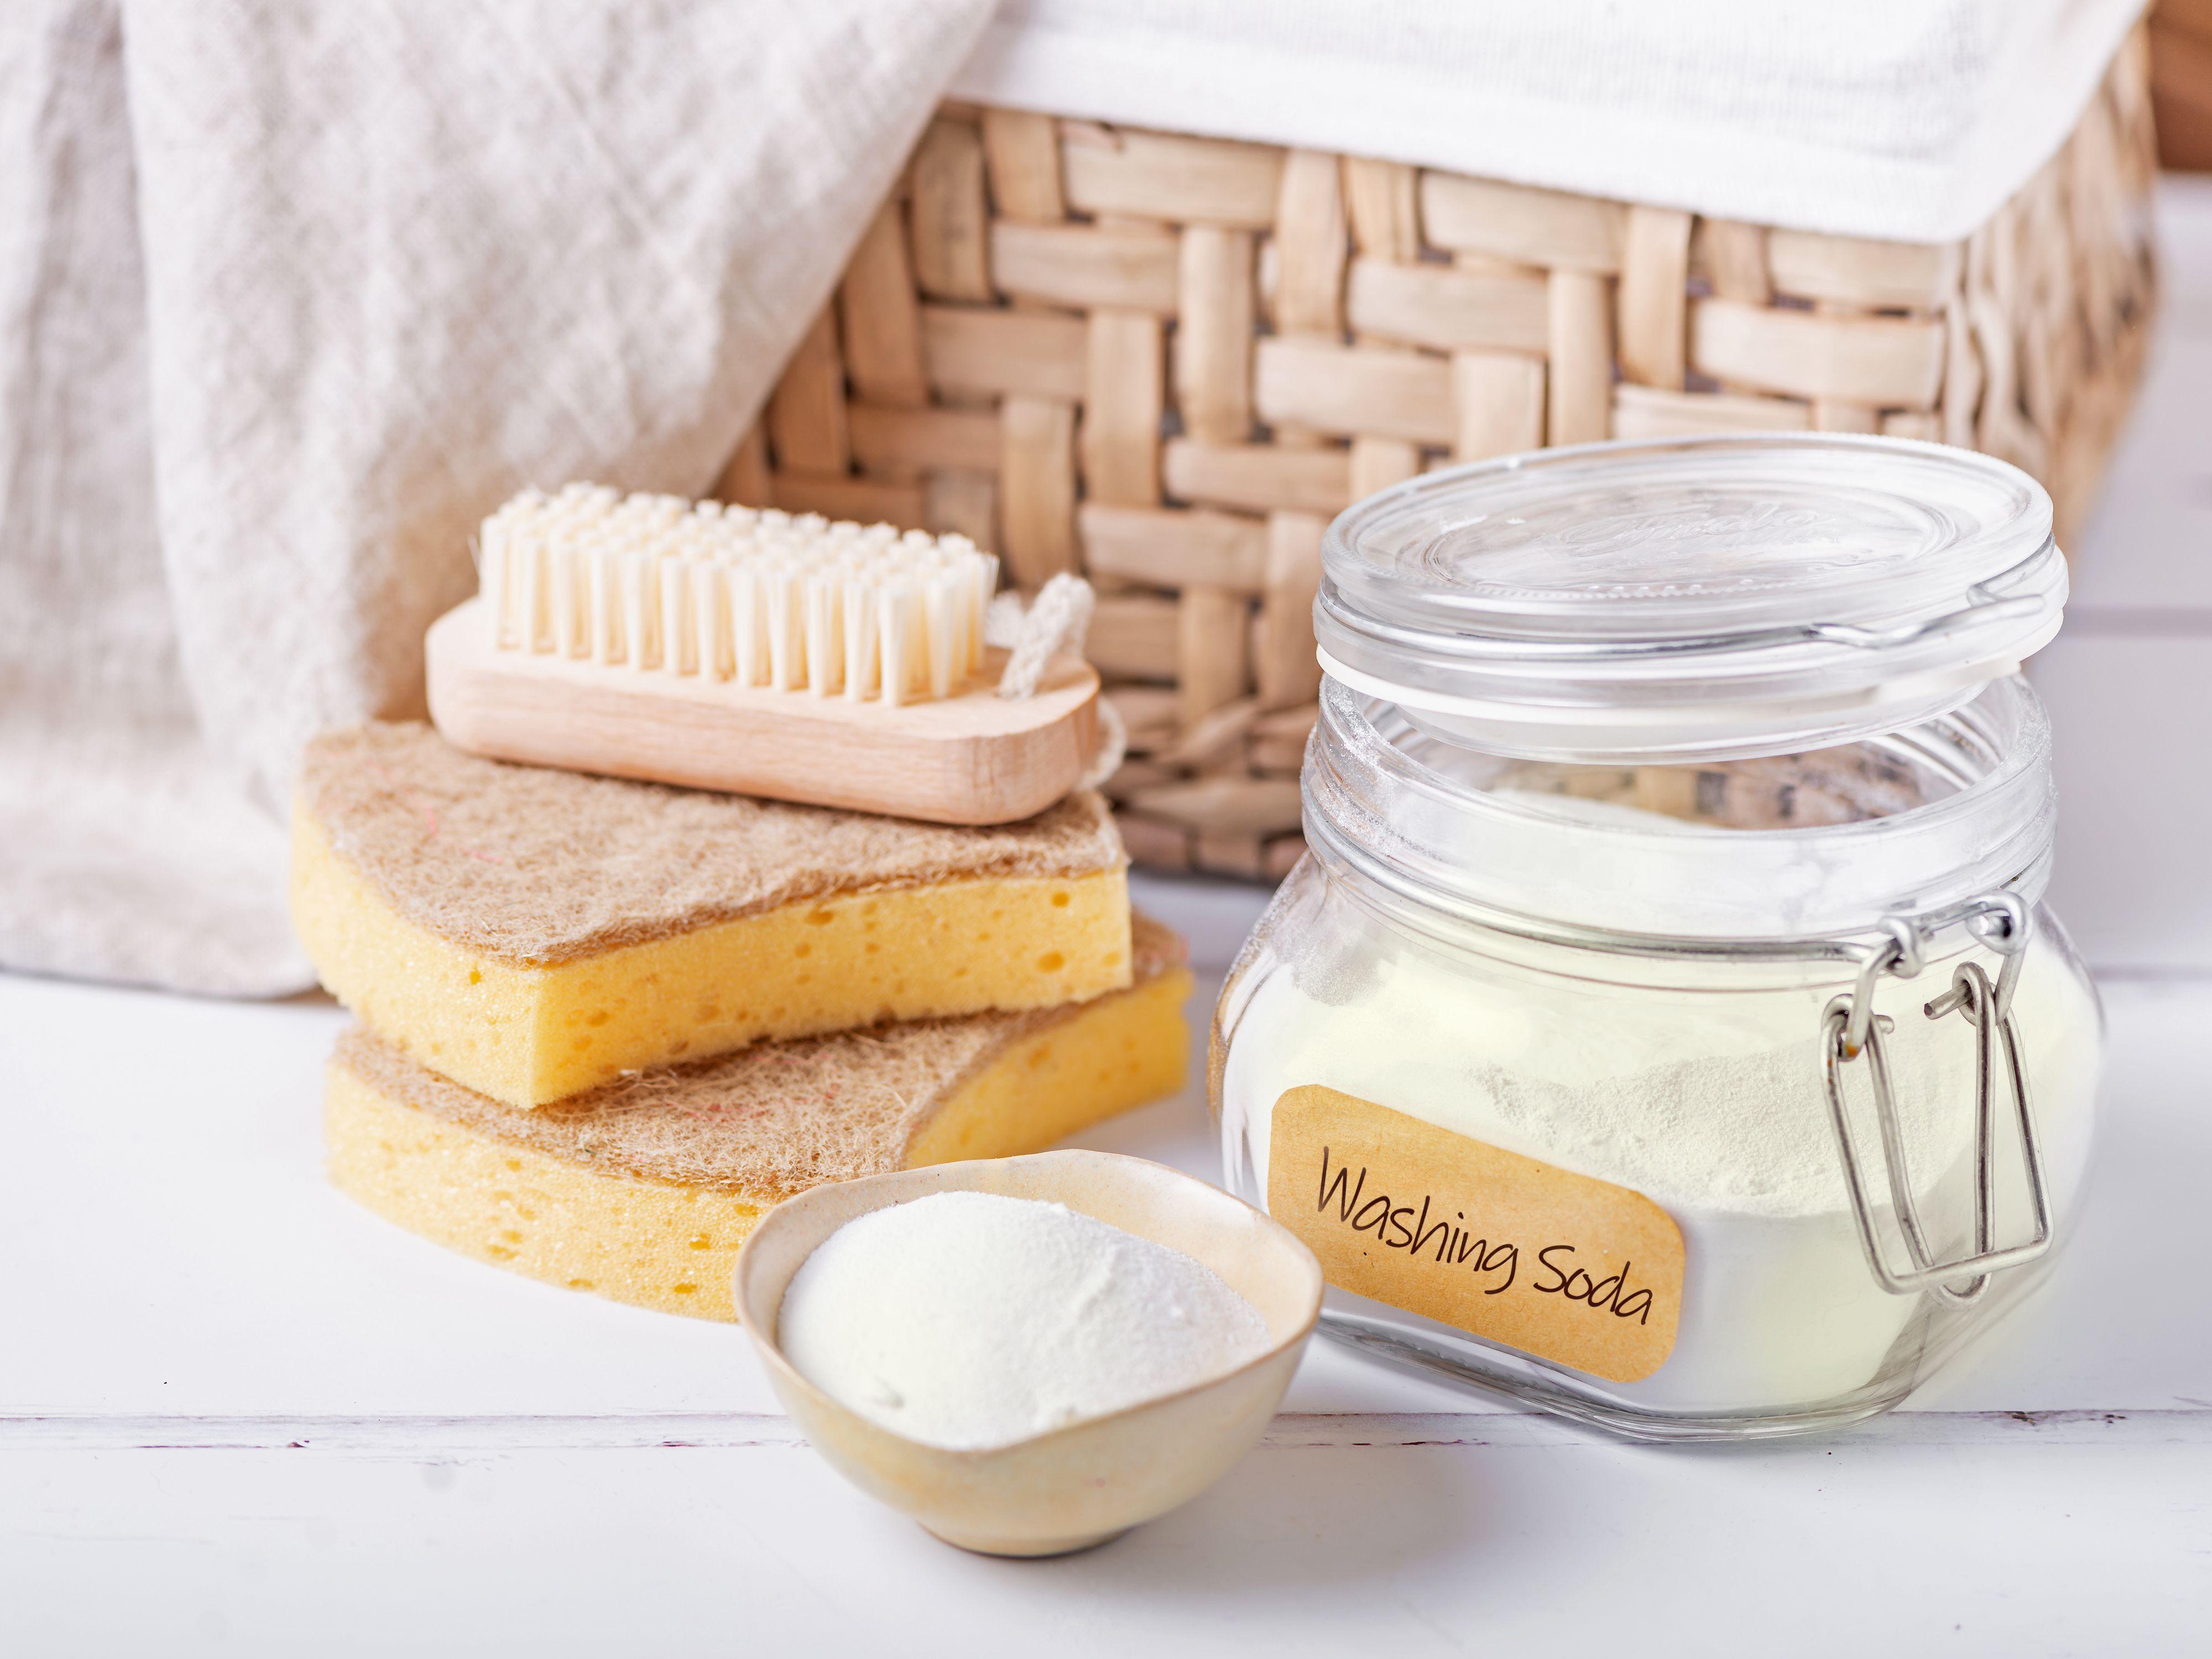 Waschsoda-selber-machen-und-vielseitig-im-Haushalt-verwenden-So-einfach-ist-es-